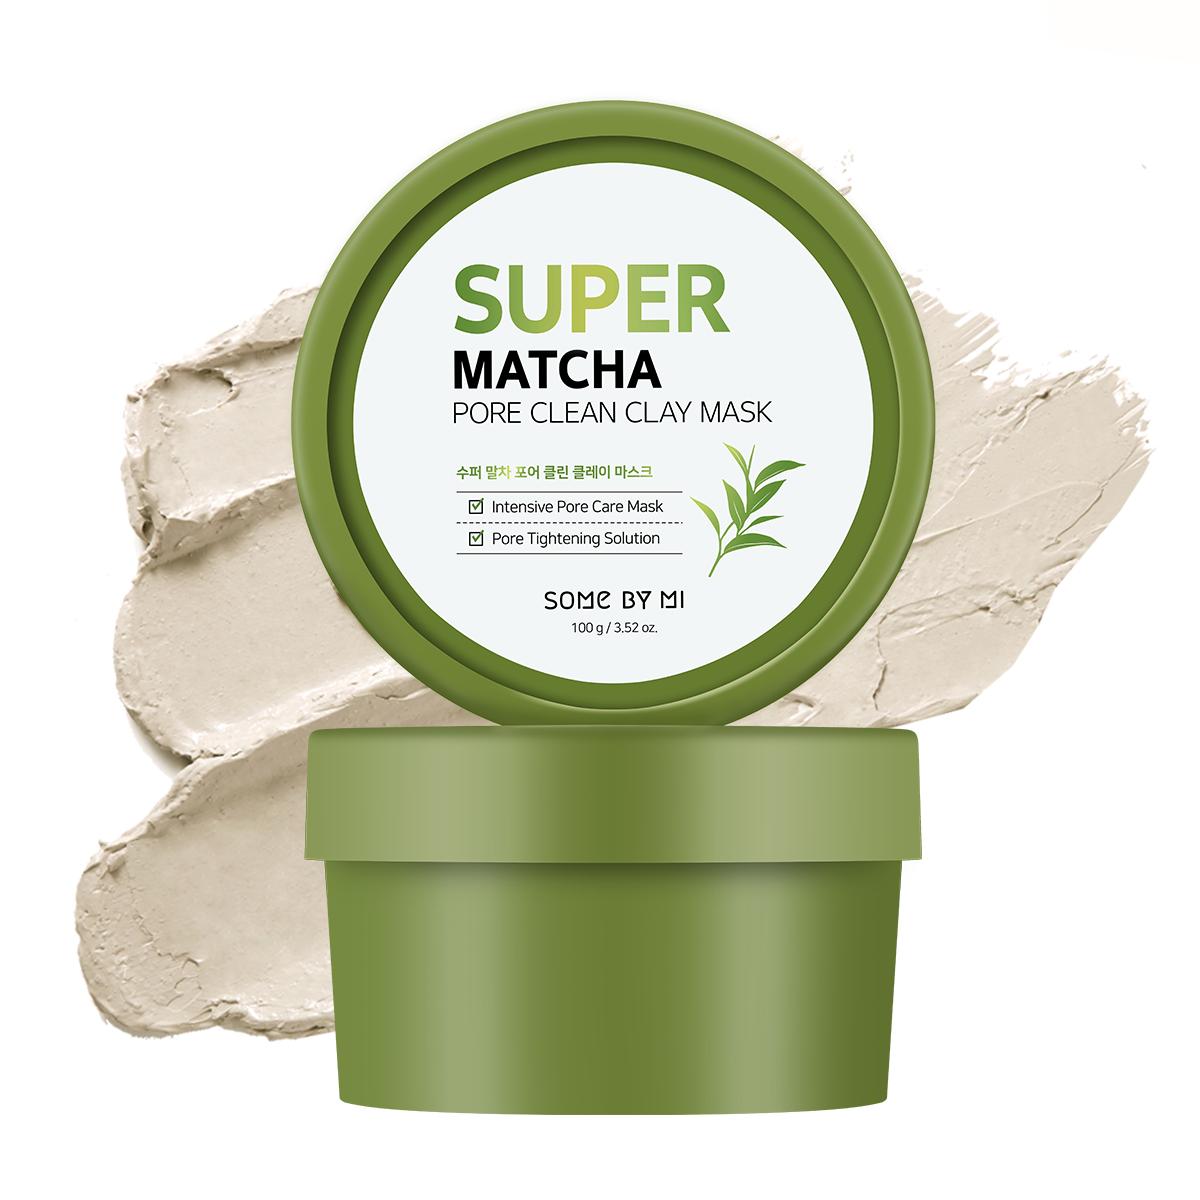 Super Match Pore Clean Clay Mask-1